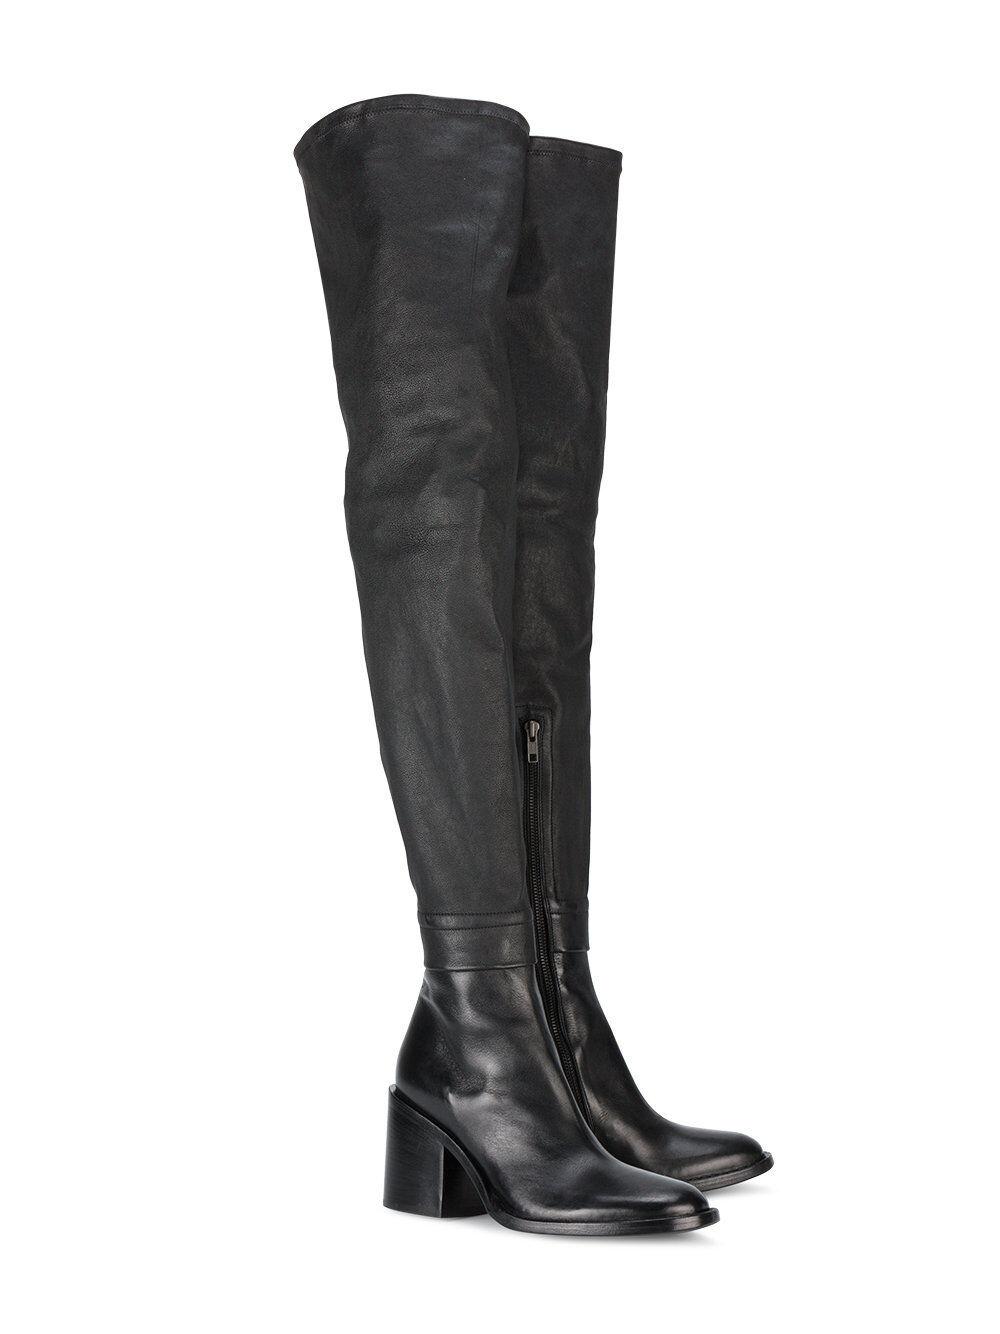 2018 Schuhe Stiefel Damen 30-45 Abend Overknee Stiefel Schuhe Stilefeletten Kunstleder 5bd21d